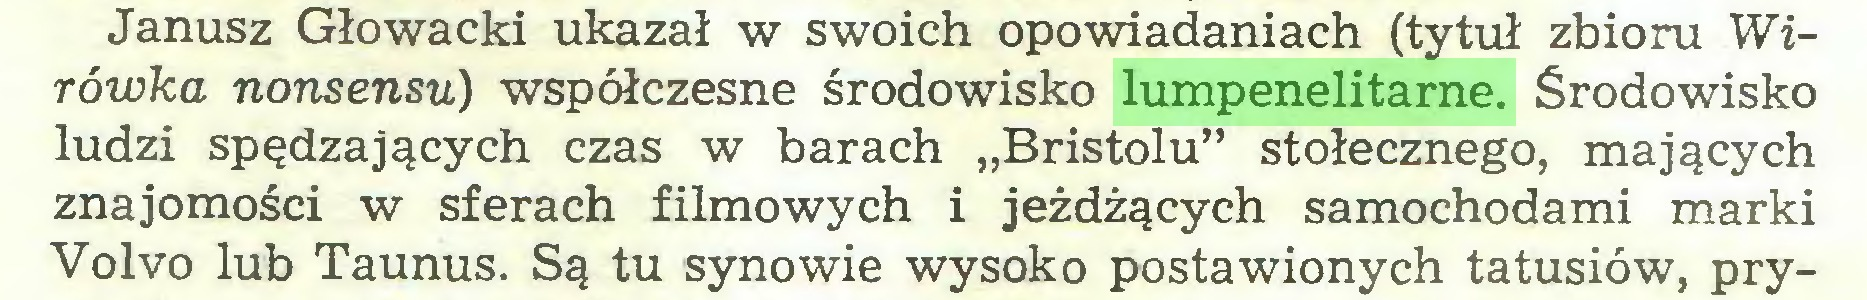 """(...) Janusz Głowacki ukazał w swoich opowiadaniach (tytuł zbioru Wirówka nonsensu) współczesne środowisko lumpenelitarne. Środowisko ludzi spędzających czas w barach """"Bristolu"""" stołecznego, mających znajomości w sferach filmowych i jeżdżących samochodami marki Volvo lub Taunus. Są tu synowie wysoko postawionych tatusiów, pry..."""